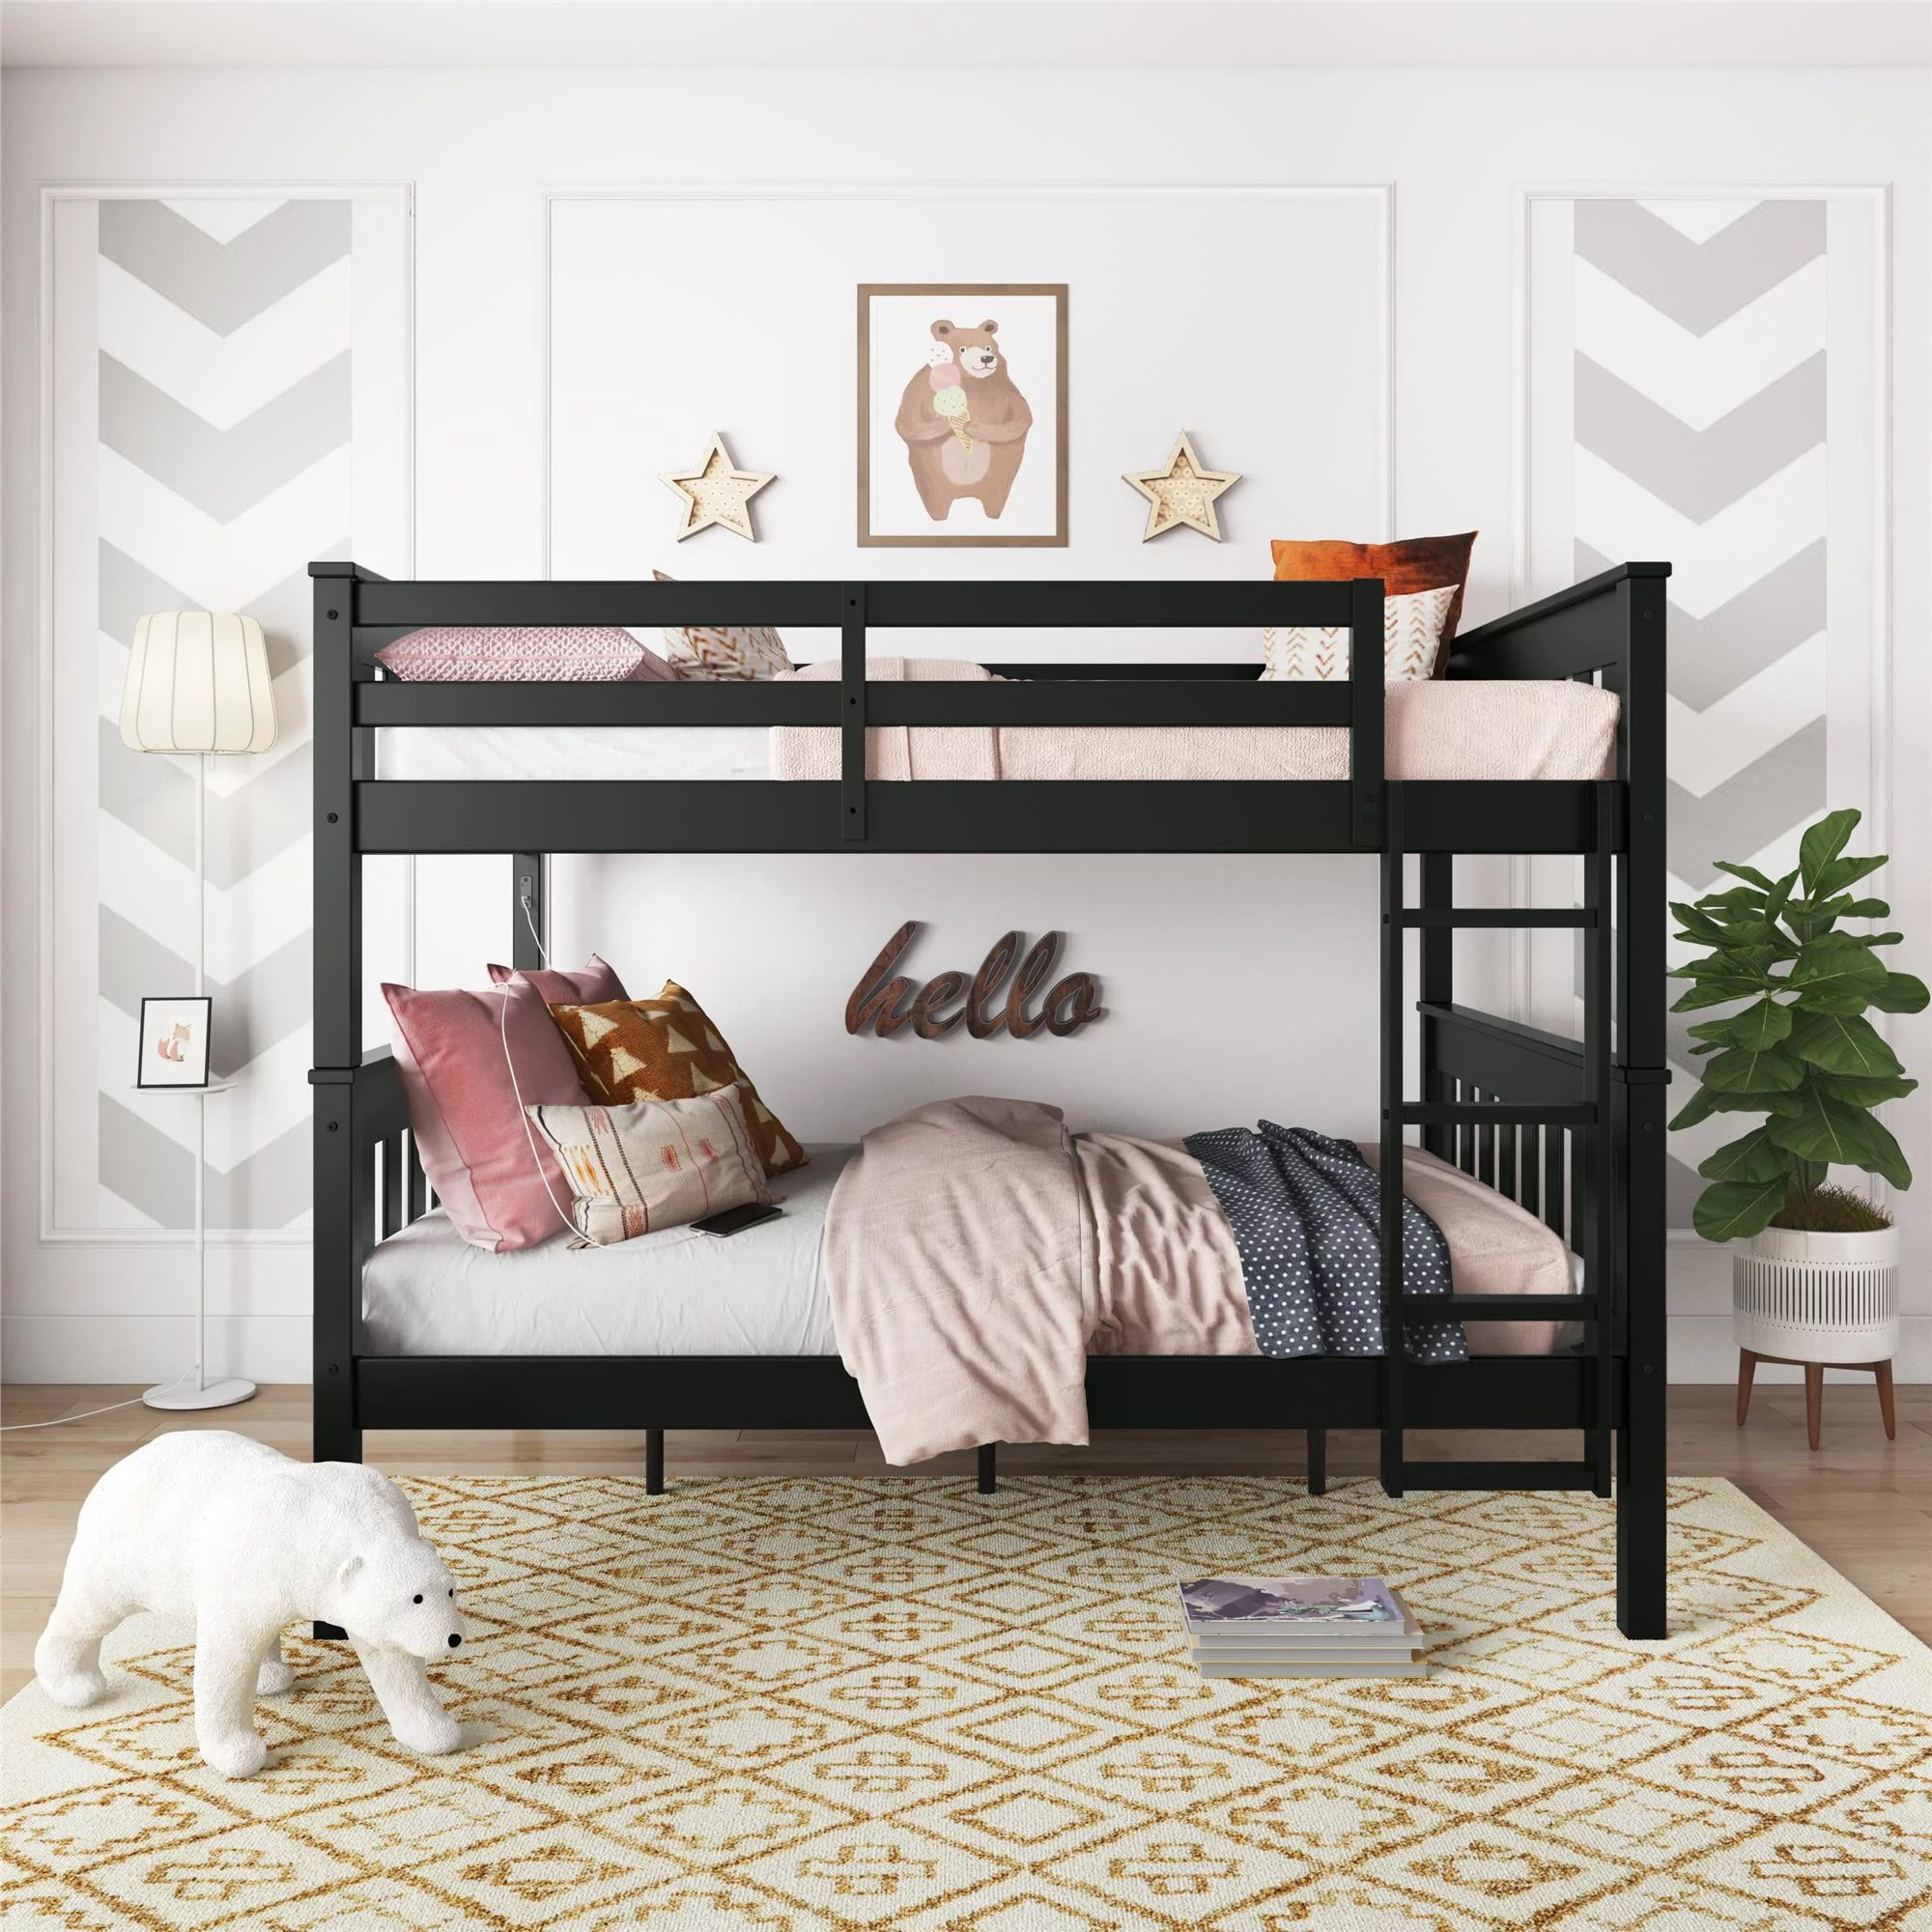 Holiday Bunk Beds Deals 2020 Walmart Com